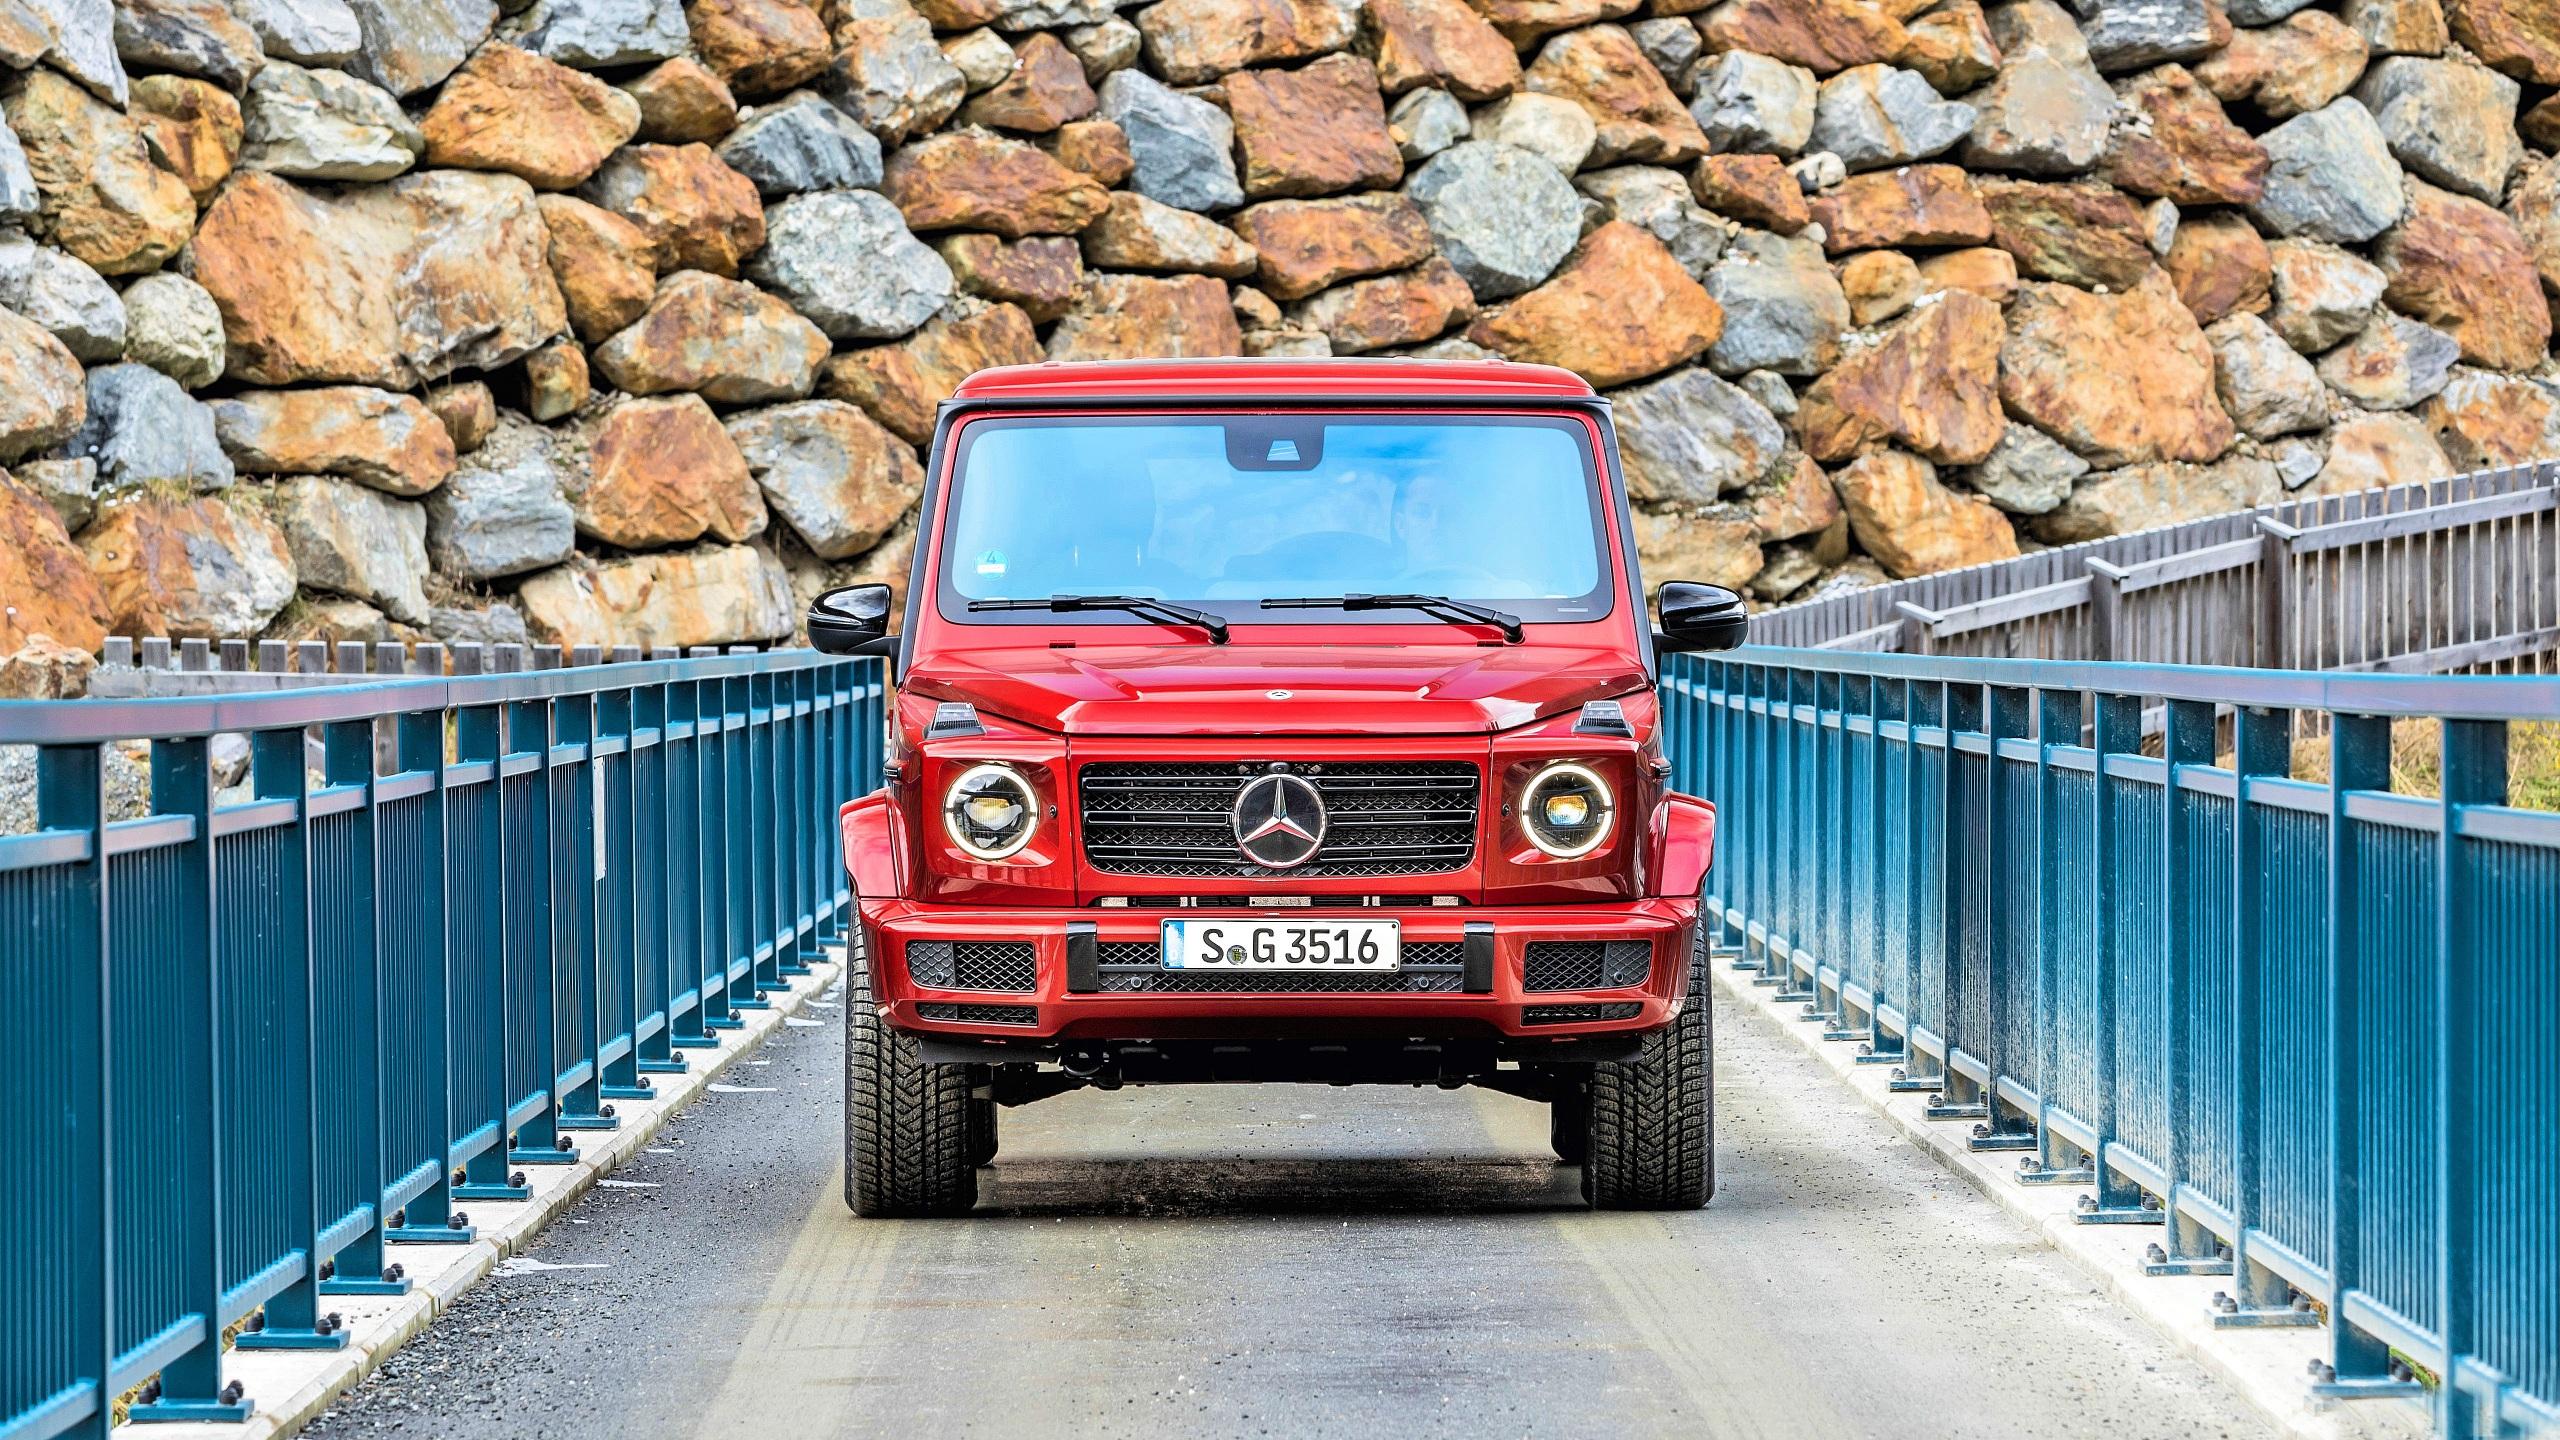 Картинки Mercedes-Benz Гелентваген G 350 d AMG Line Красный машины Спереди 2560x1440 Мерседес бенц G-класс красных красные красная авто машина автомобиль Автомобили